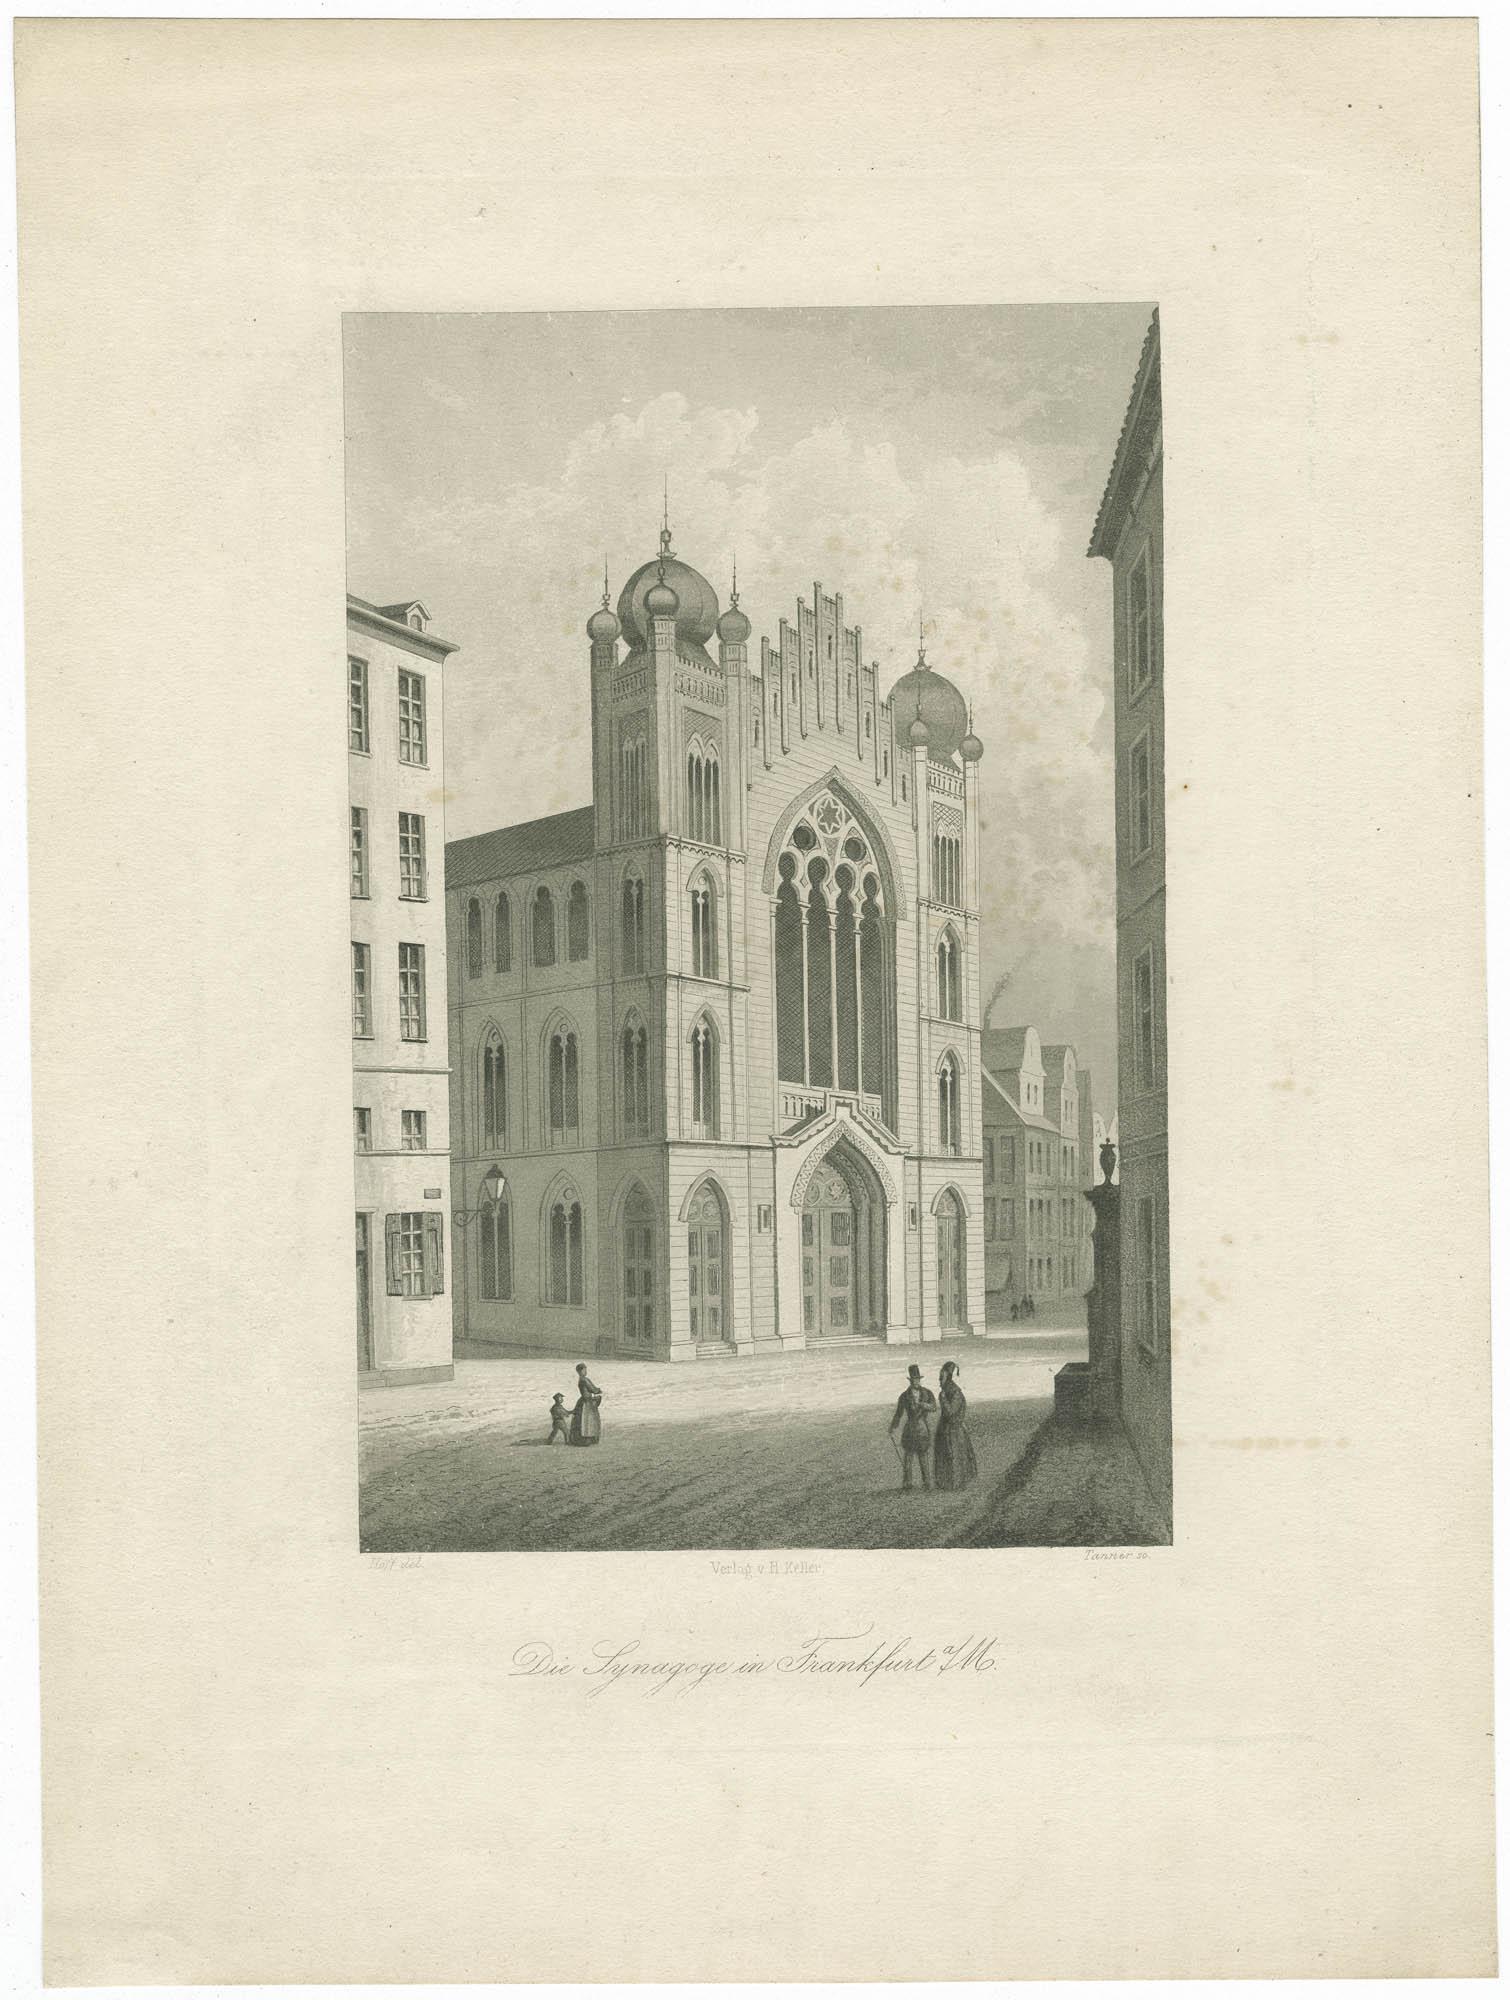 Die Synagoge in Frankfurt a/M.